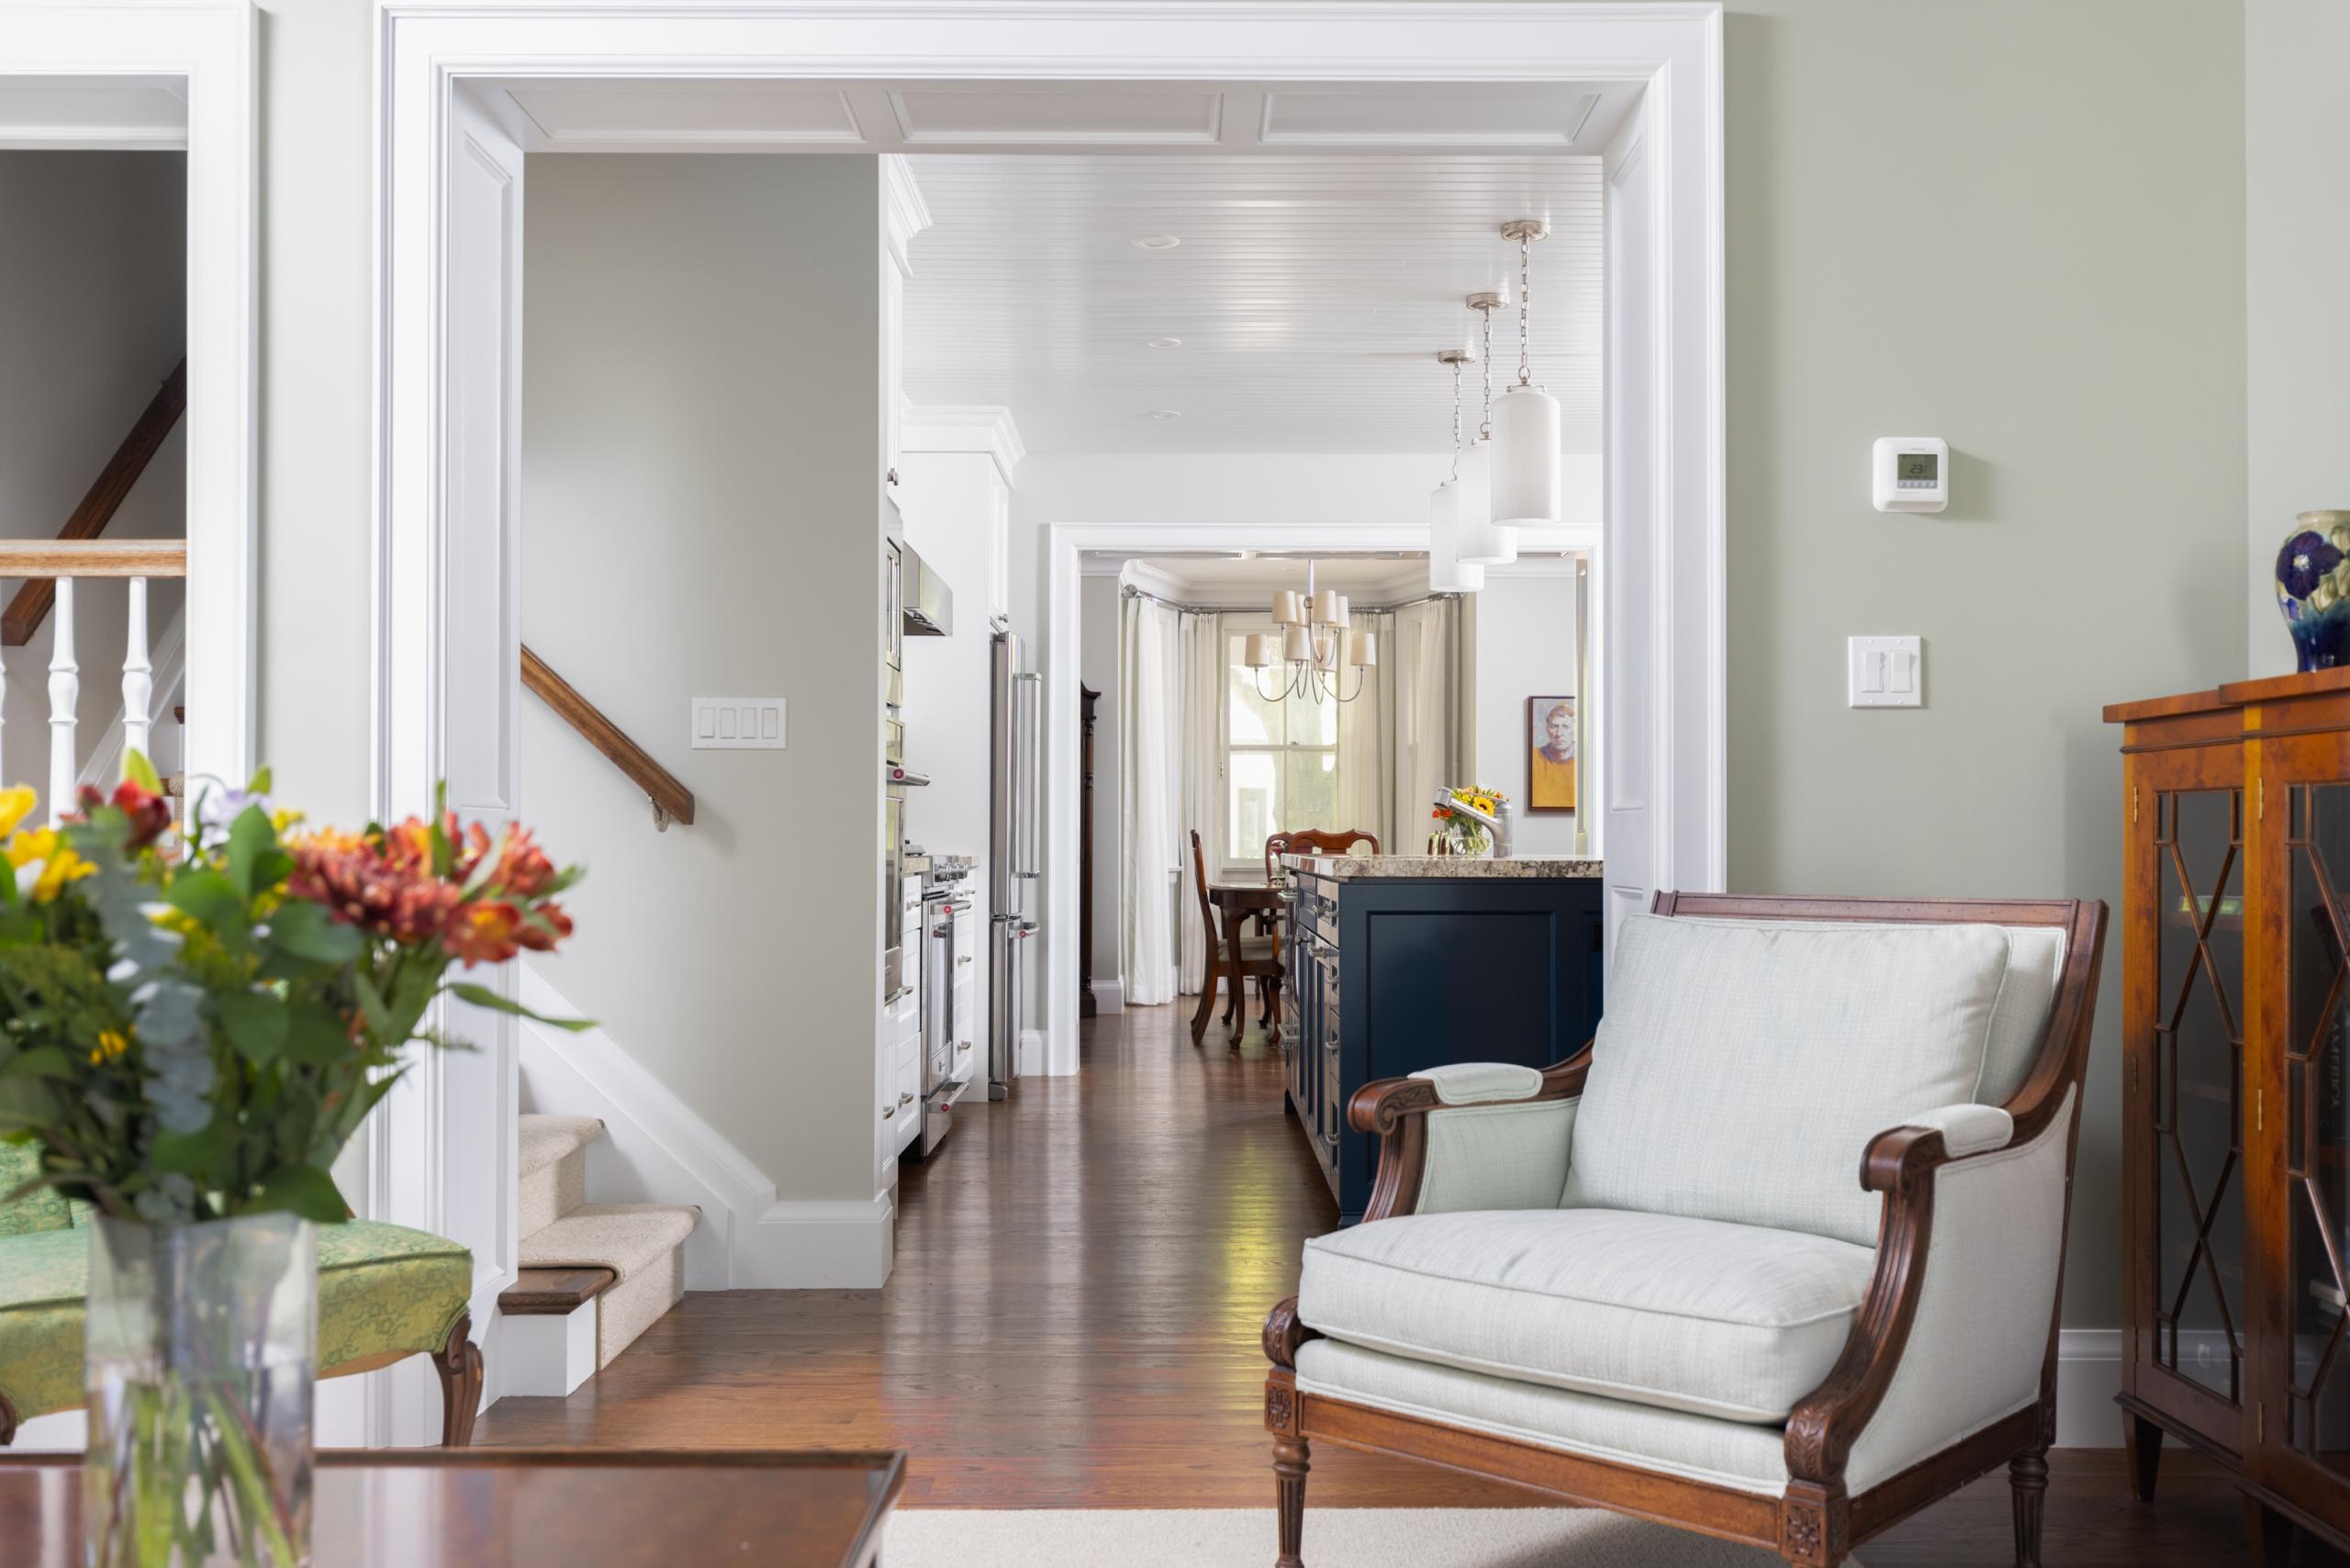 Living room featured at 295 William Street, Oakville. Alex Irish & Associates